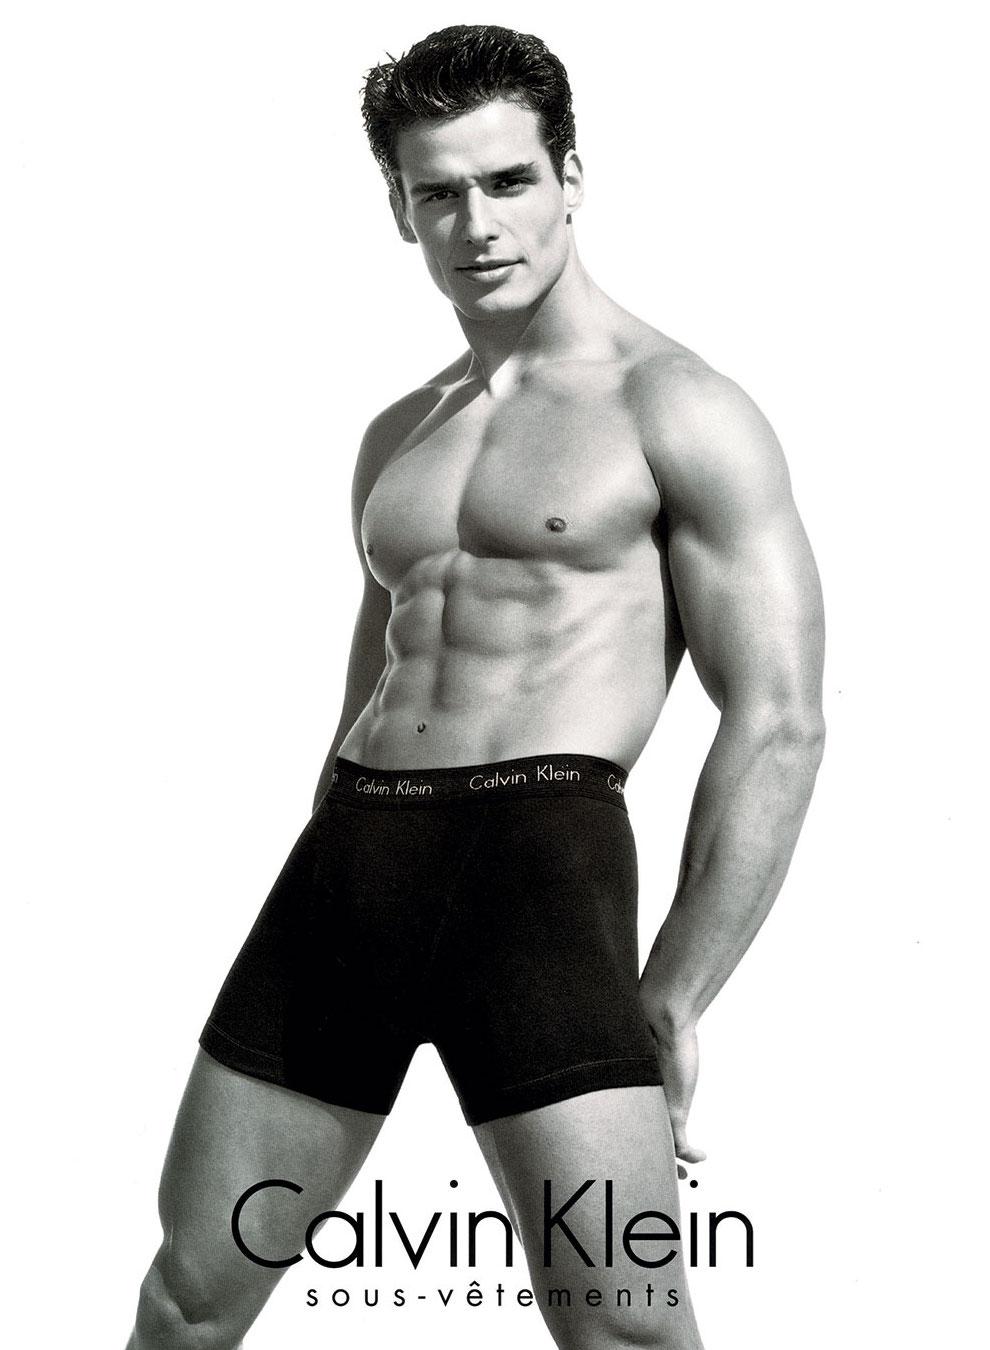 celebrity calvin klein underwear ads antonio sabato